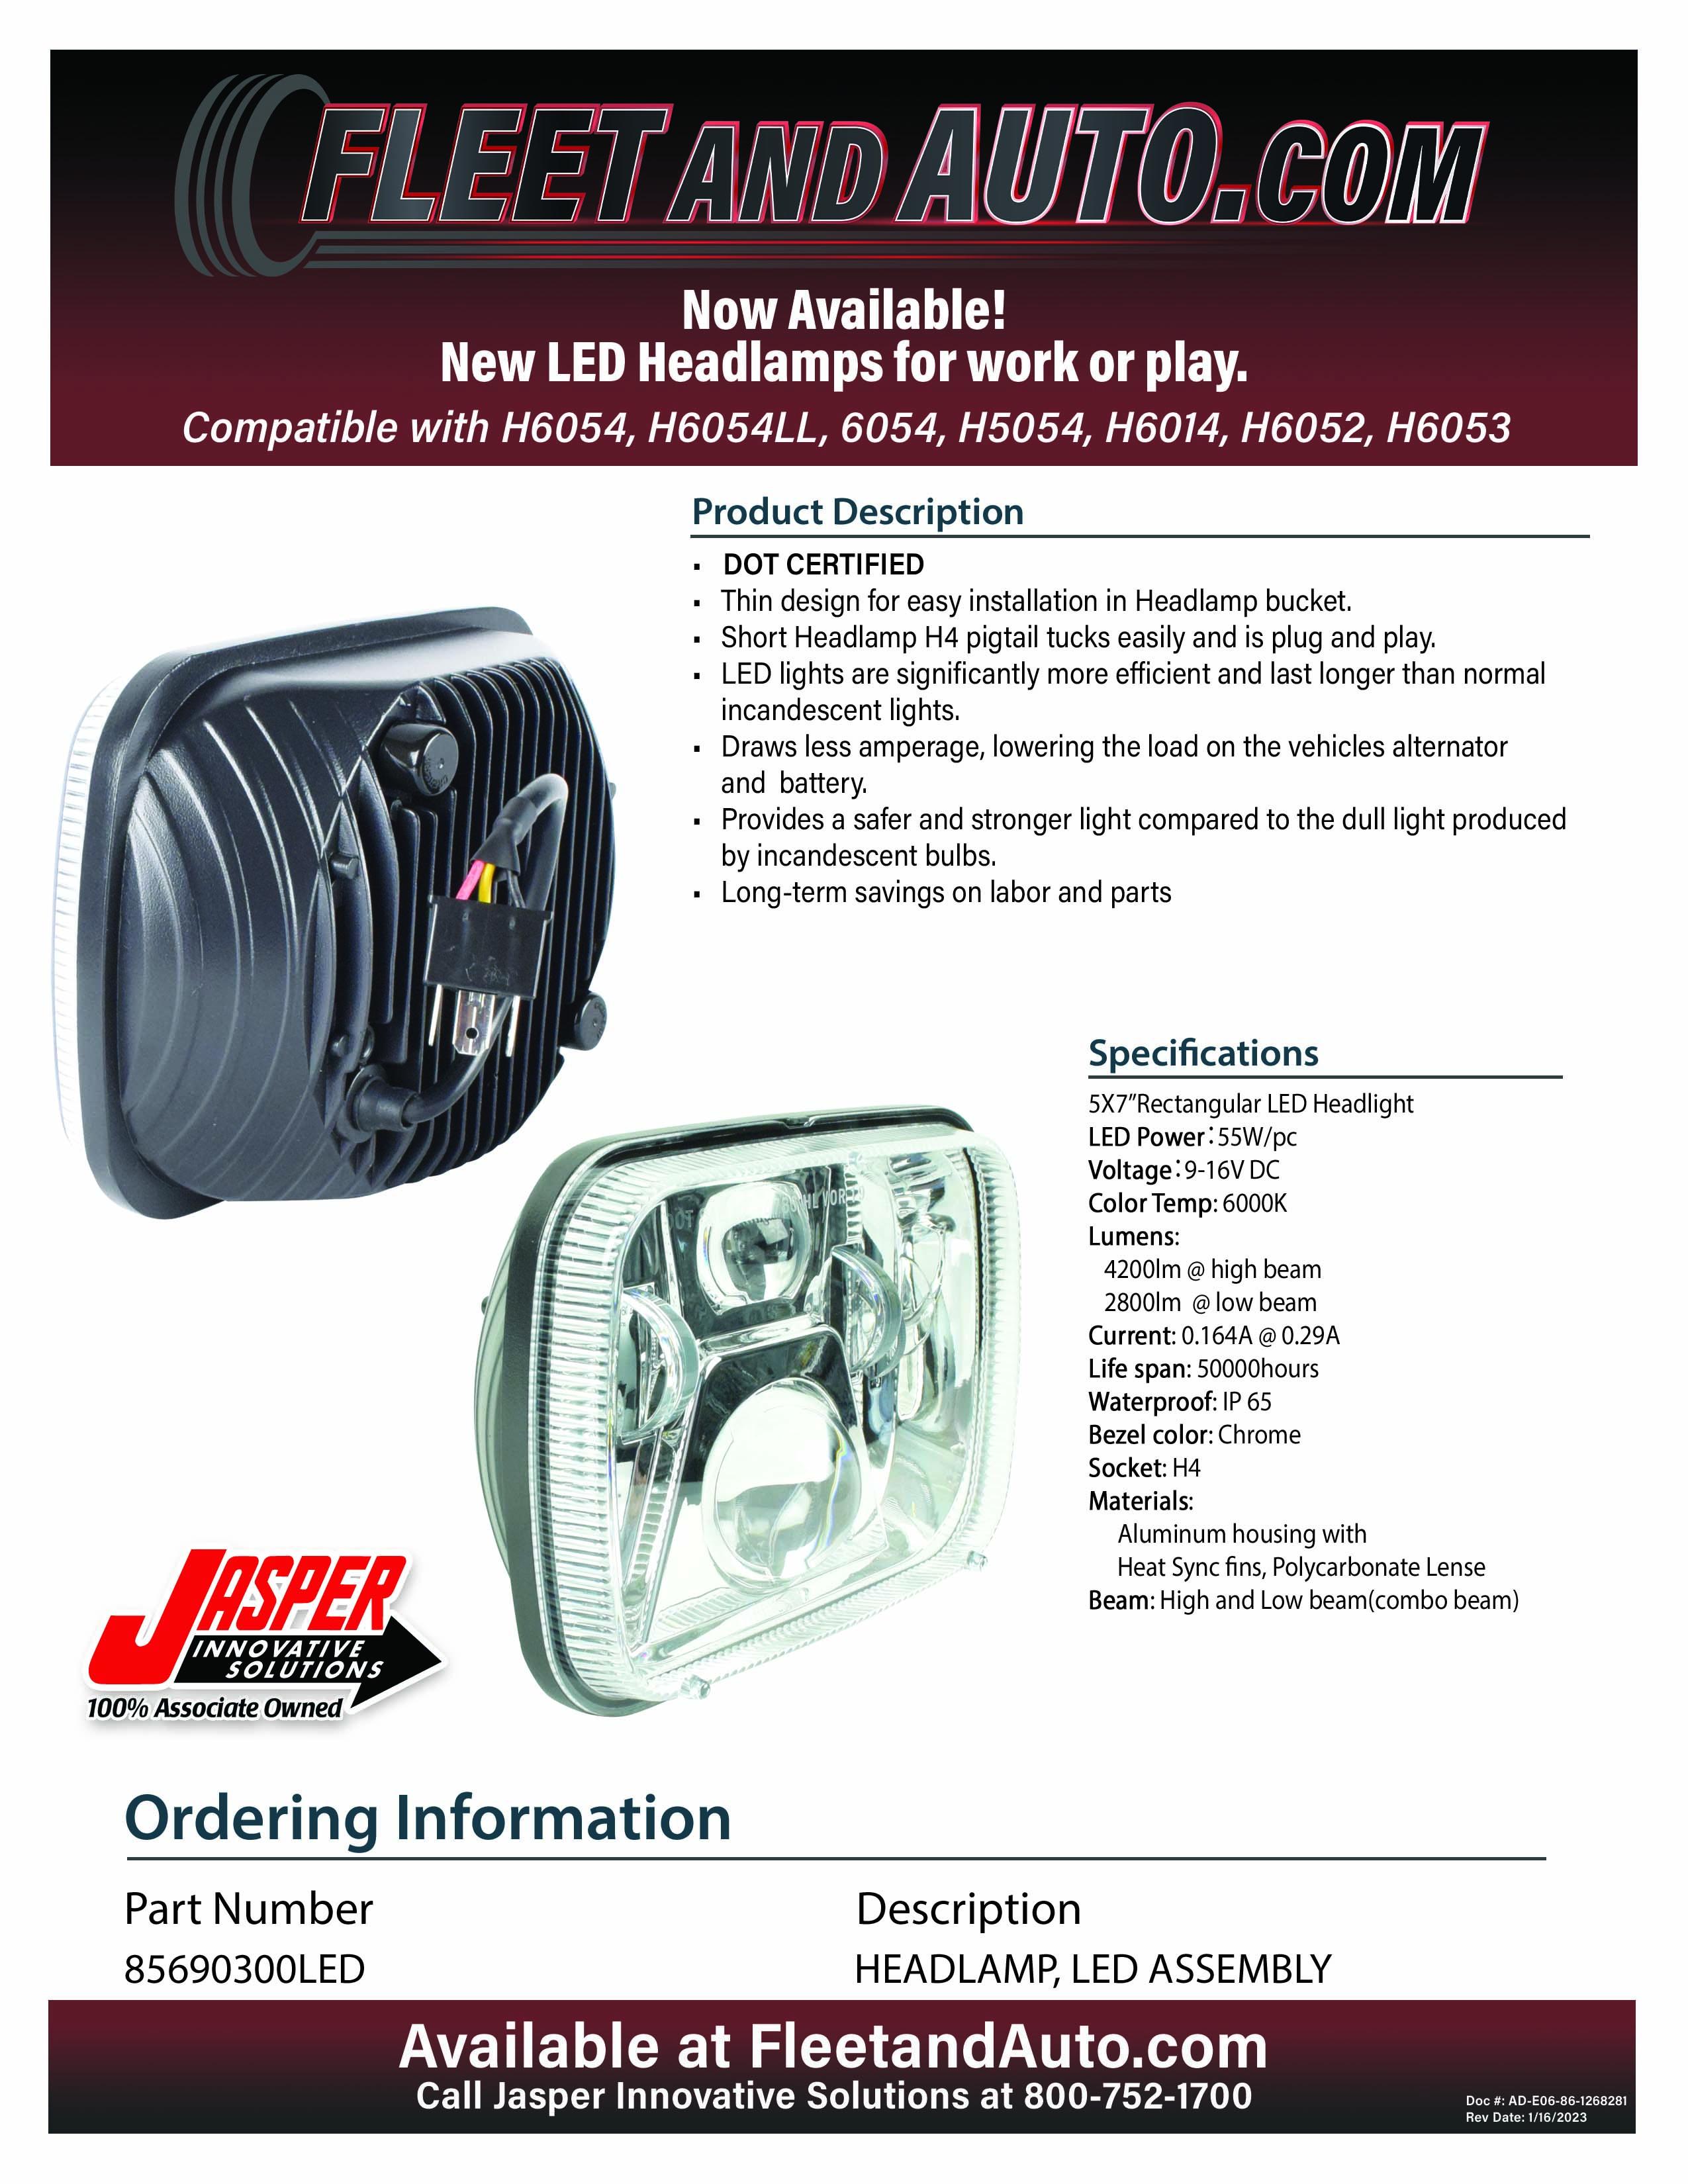 ledheadlamp.jpg